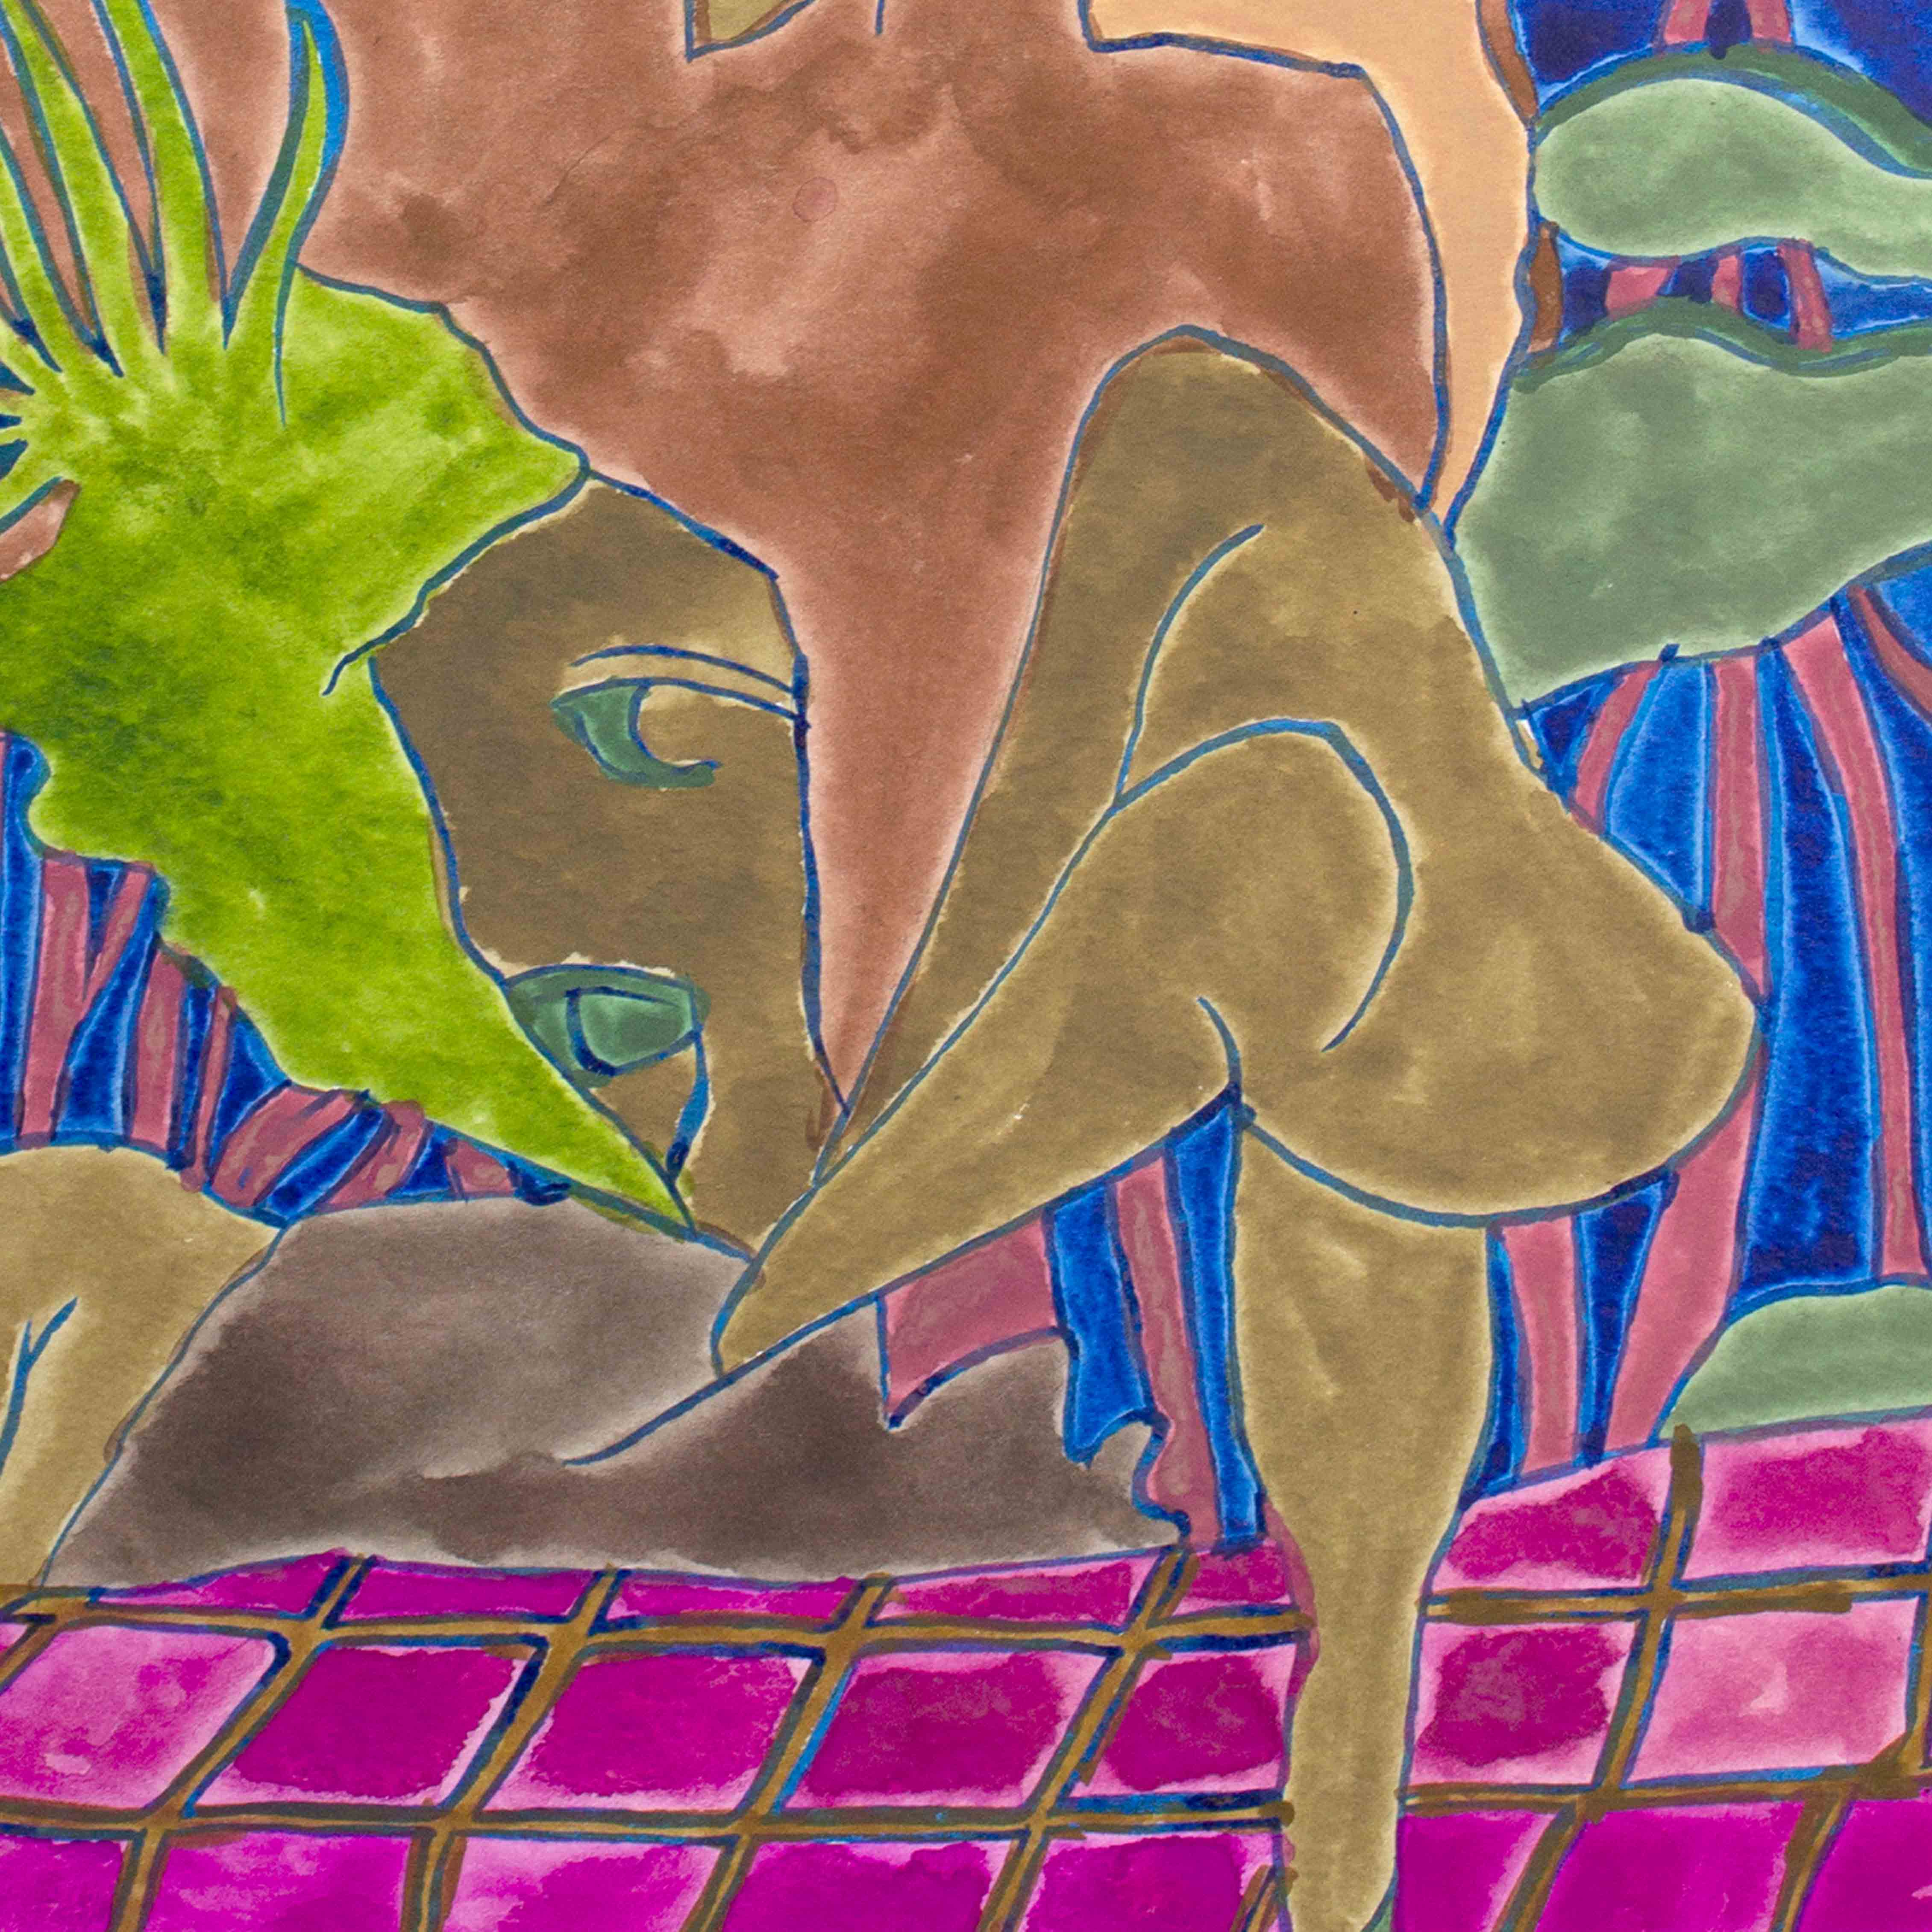 new york artist, brooklyn artist, artists, young artists, painter new york city, women artist, woman artist, man artists, artists community, american artist, east coast artists, east coast art, contemporary artist, contemporary art, american modern art, USA modern artists, american contemporary painter